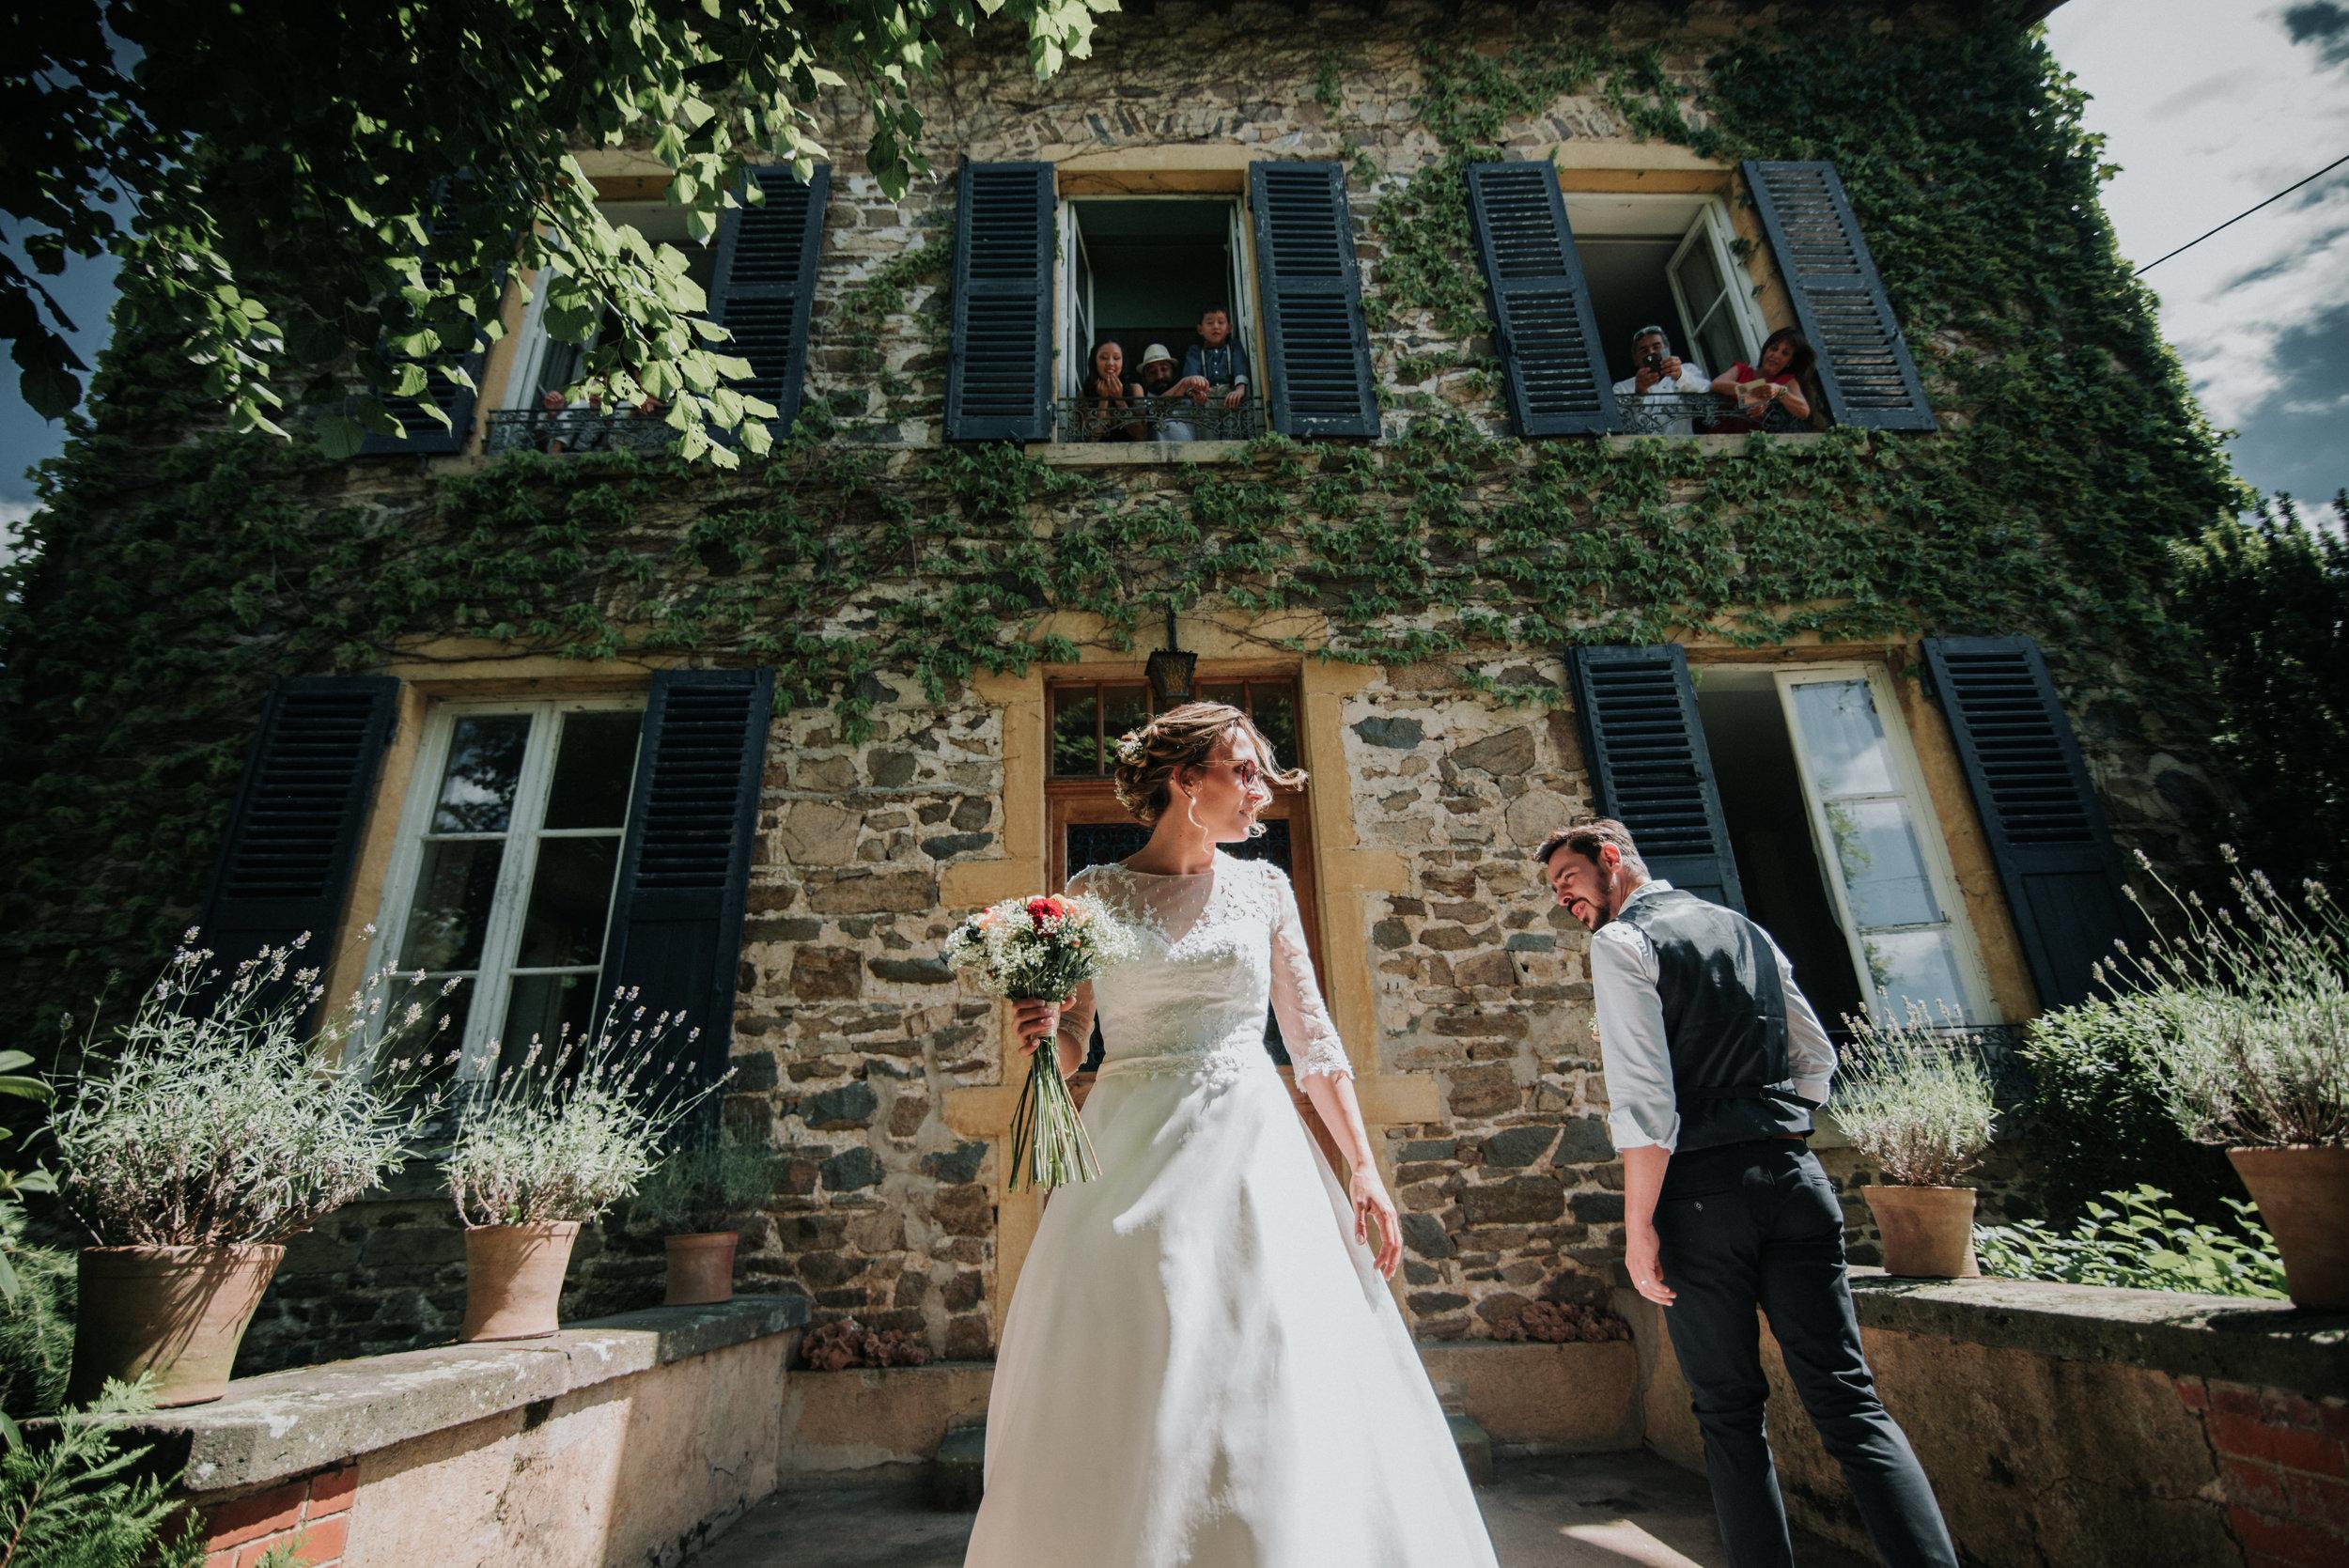 Léa-Fery-photographe-professionnel-lyon-rhone-alpes-portrait-creation-mariage-evenement-evenementiel-famille-2599.jpg